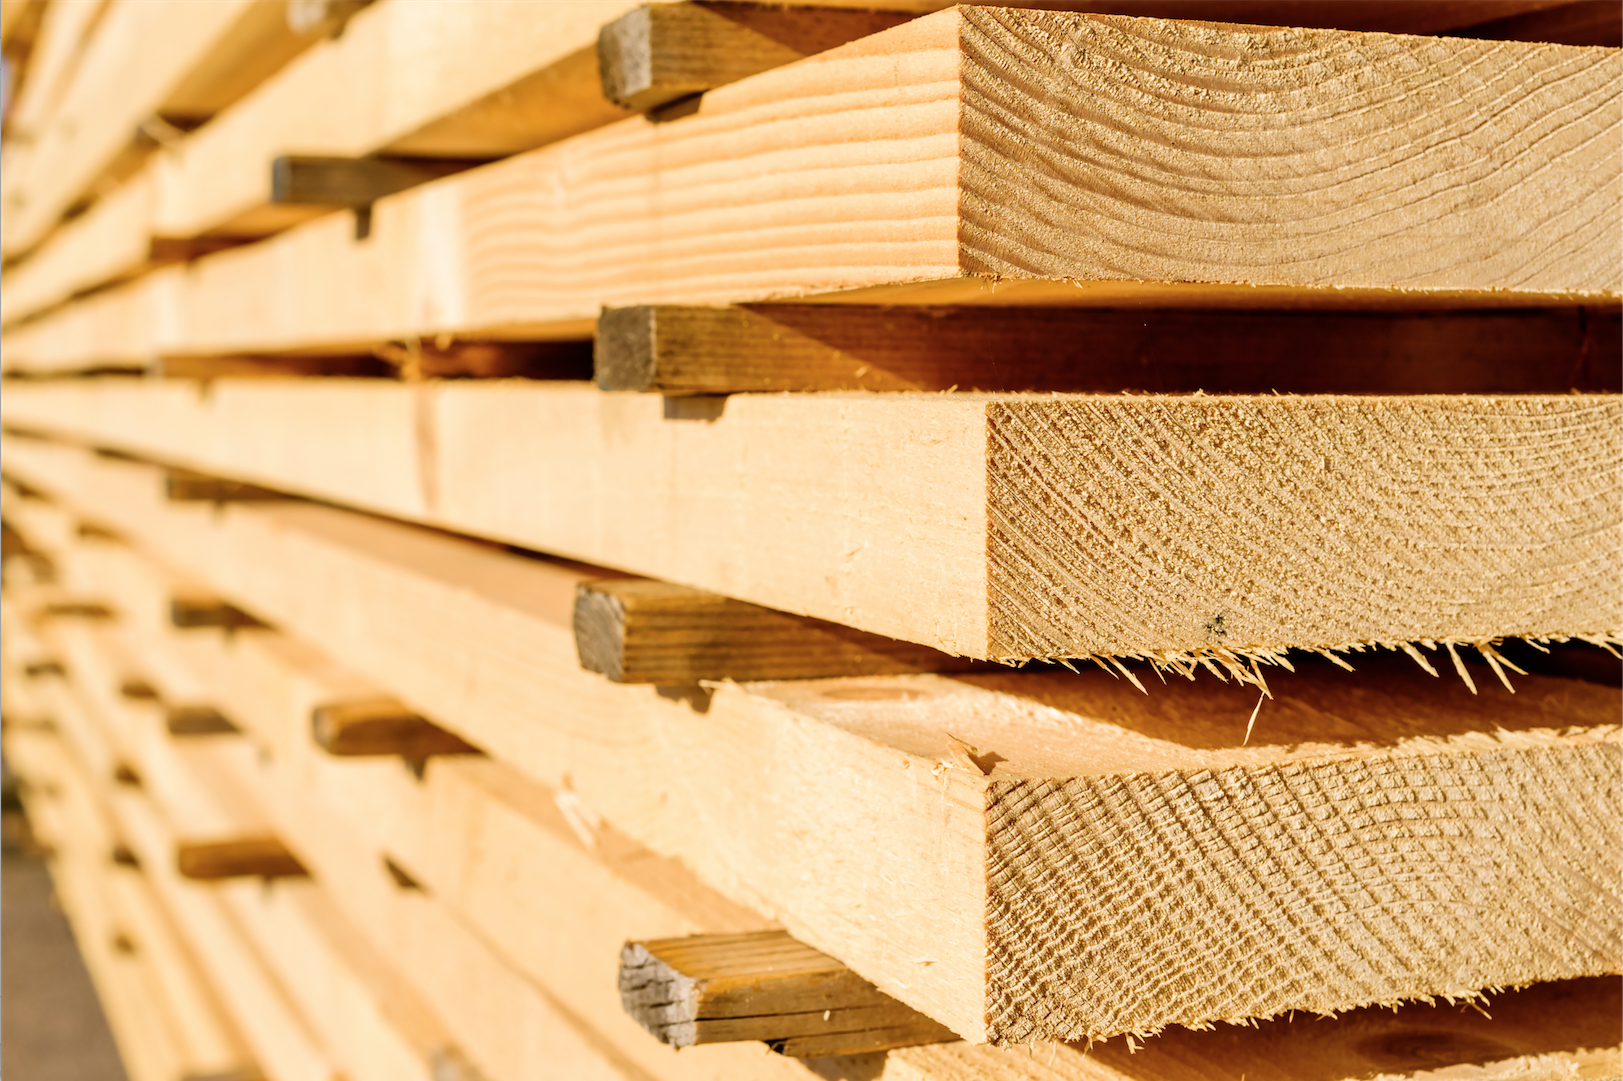 El Corte Inglés certifica la madera de sus tiendas